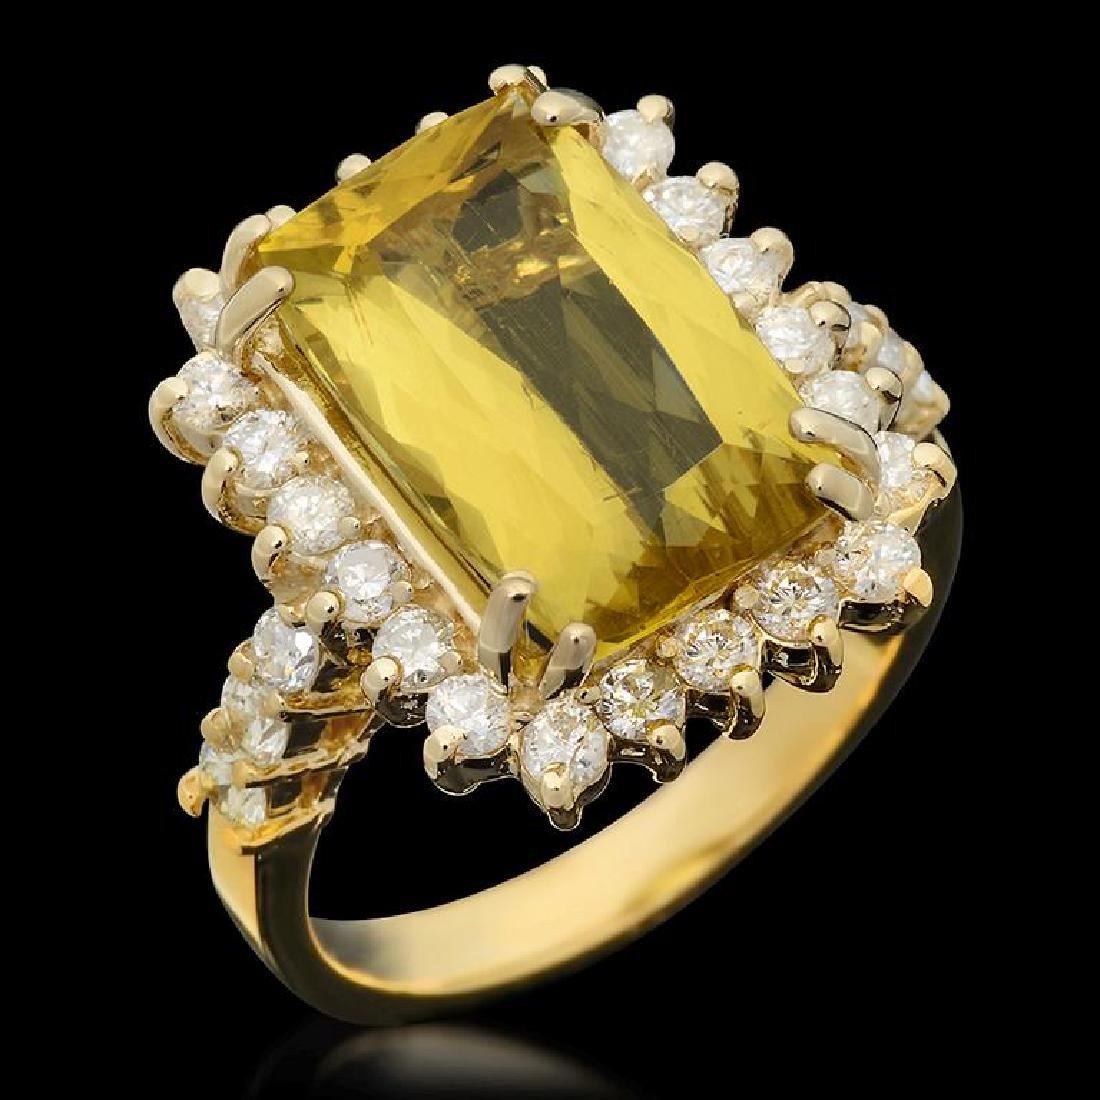 14k Gold 5.02ct Yellow Beryl 1.12ct Diamond Ring